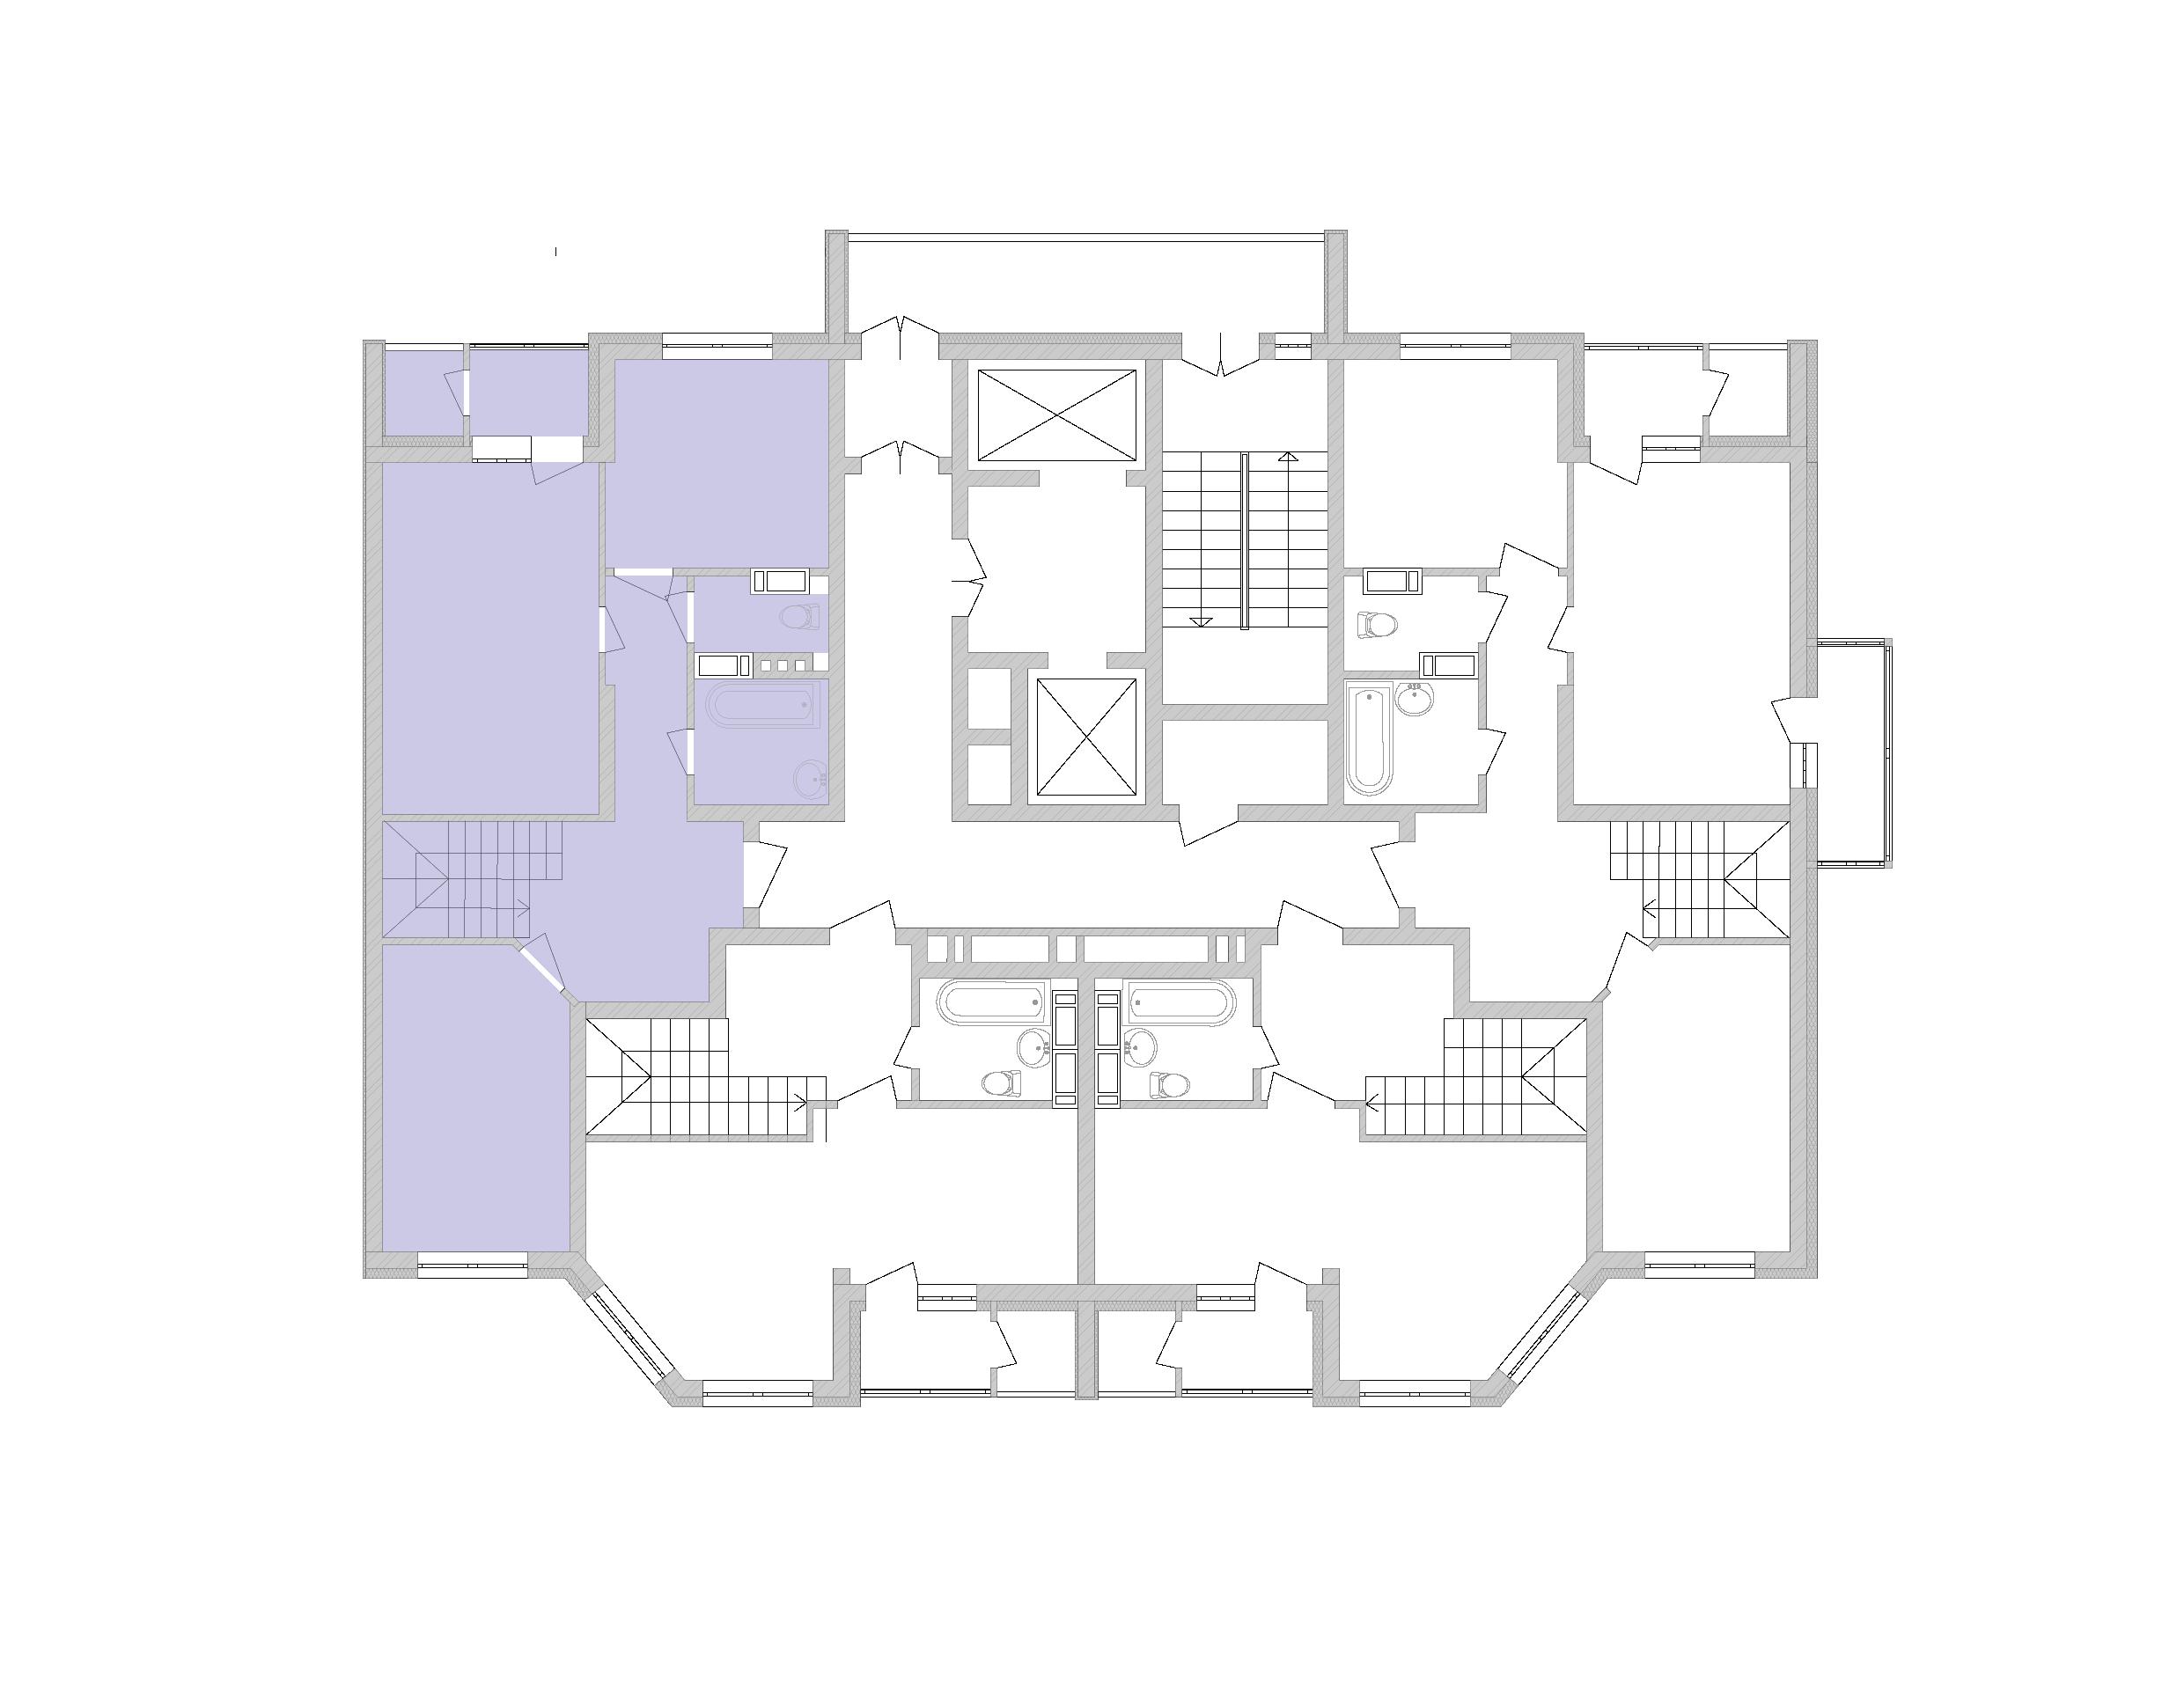 Дворівнева квартира 87,7 кв.м., тип П4, будинок 2, секція 5 розташування на поверсі